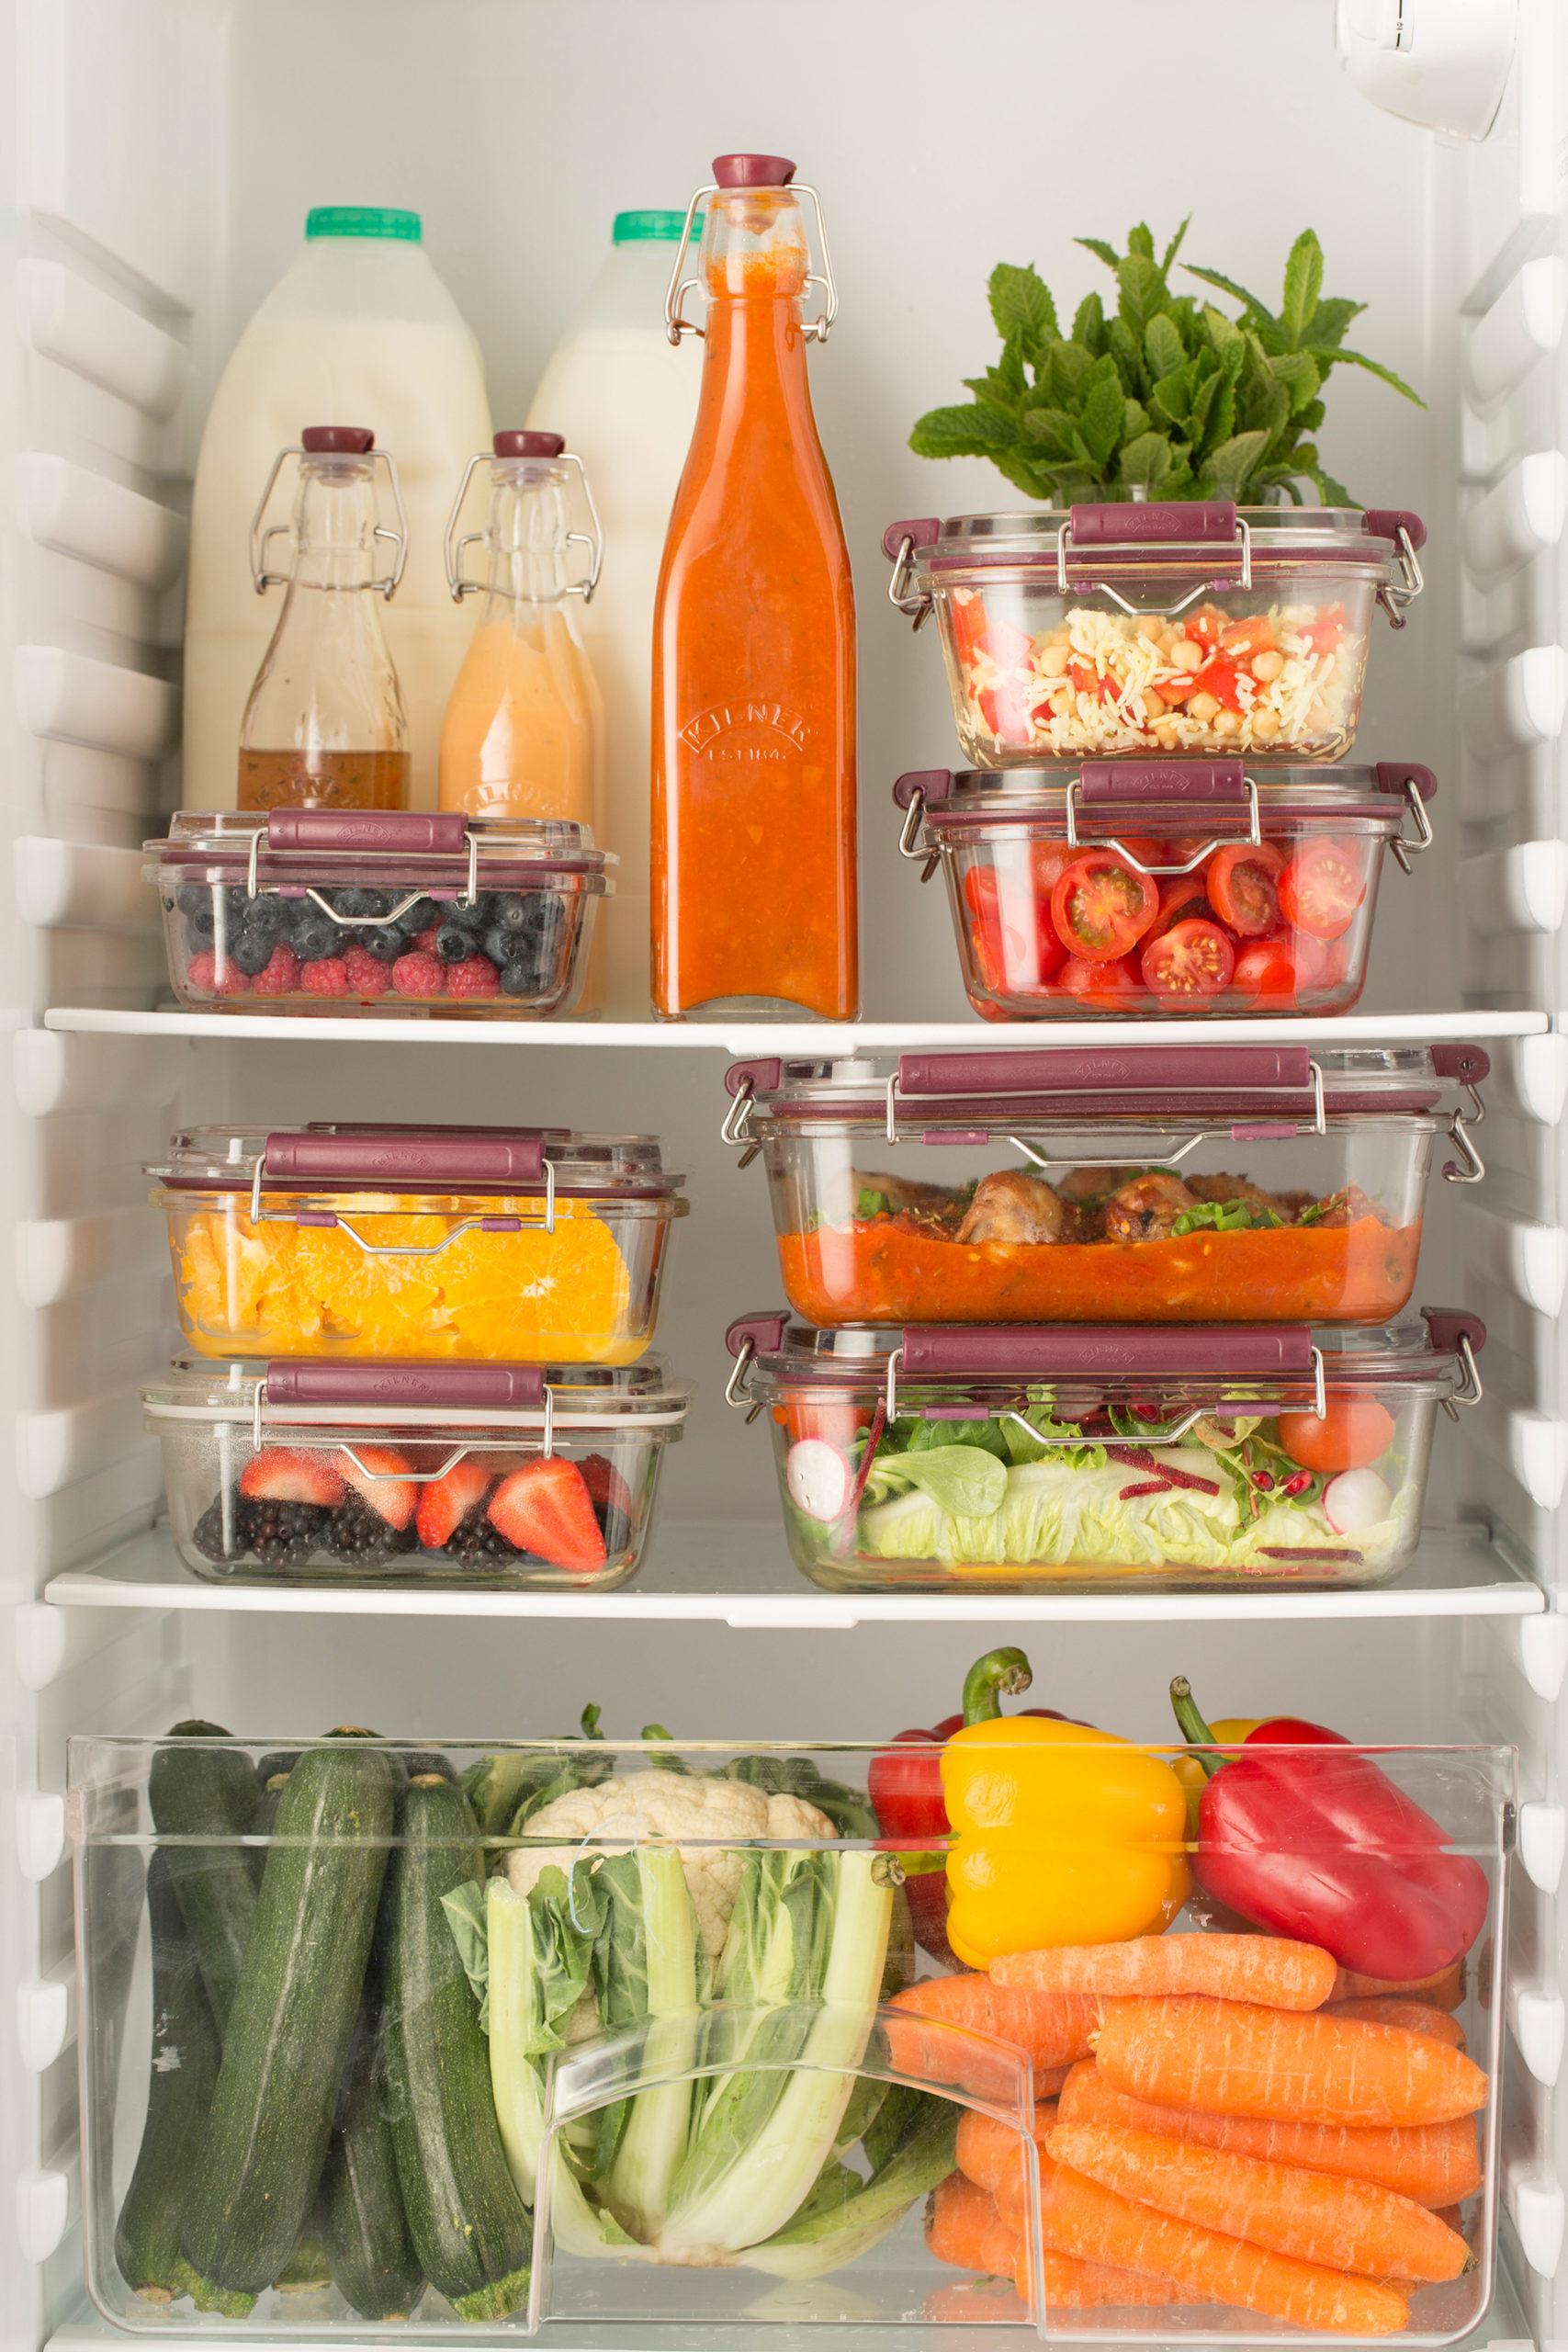 Die Frischhaltedosen mit Bügelverschluss sorgen für mehr Ordnung und Frische in deinem Kühlschrank